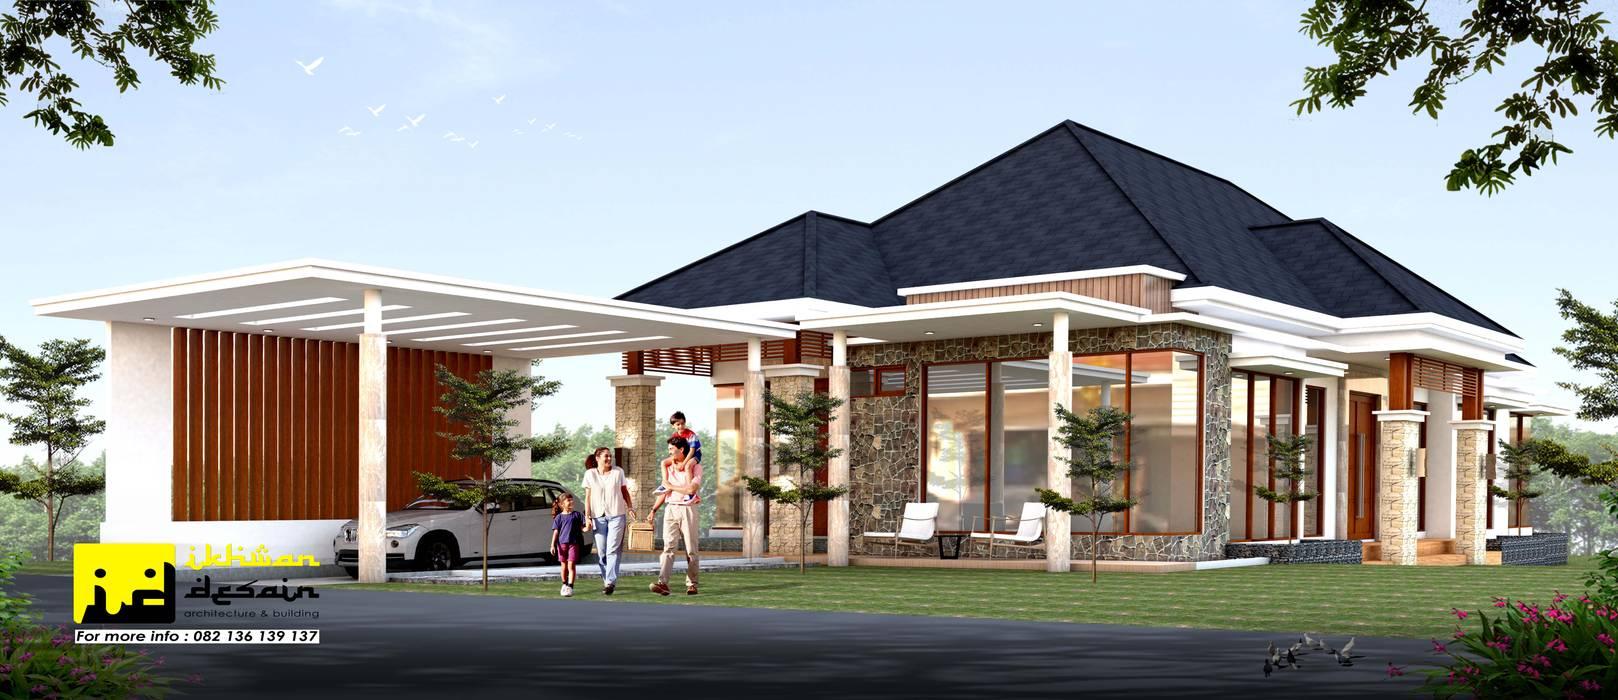 Rumah Modern Tropis Oleh Ikhwan desain Tropis Batu